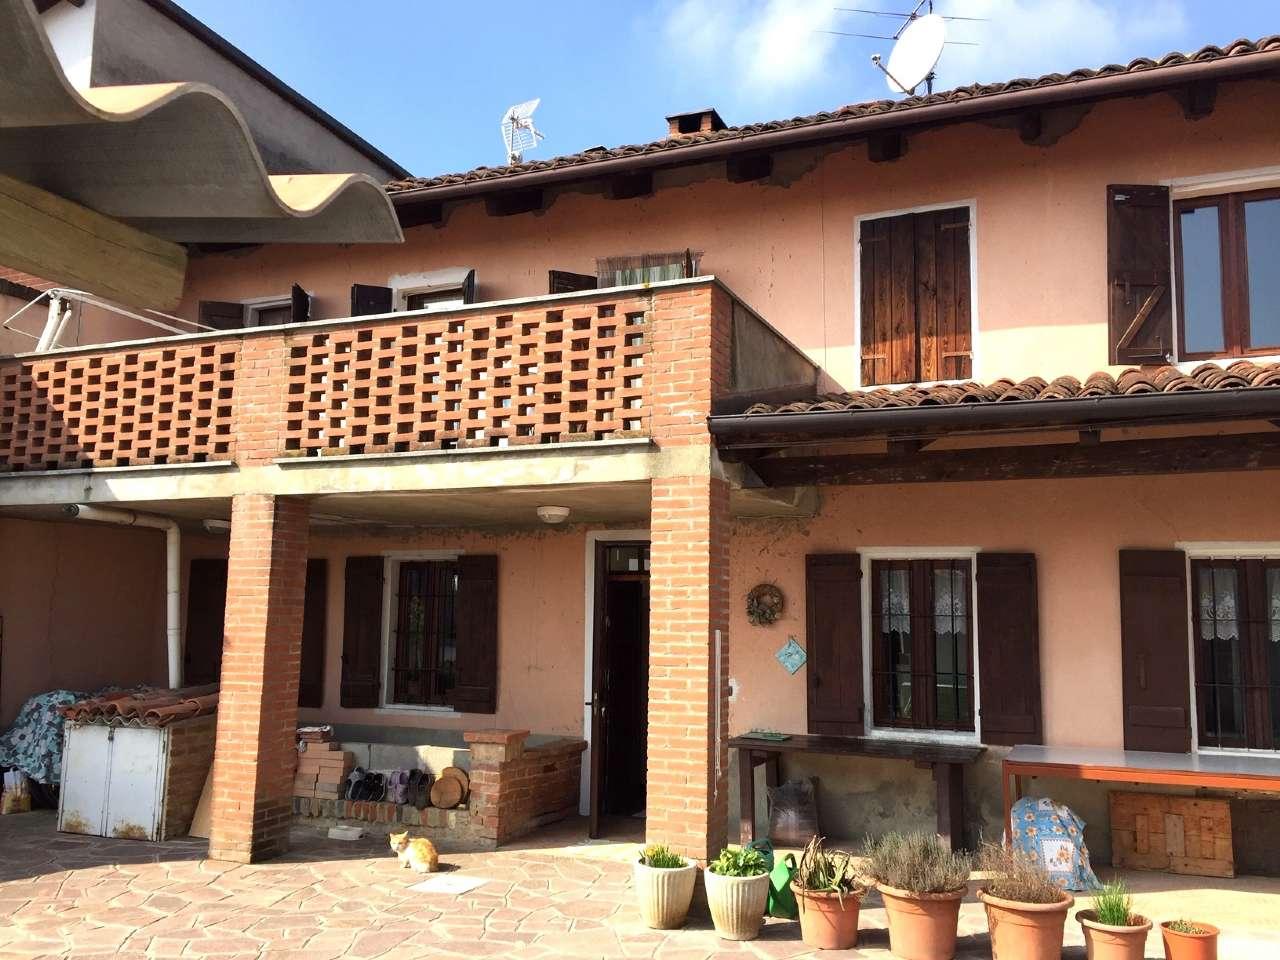 Foto 1 di Casa indipendente via Bastia 4, frazione Casasco, Camerano Casasco